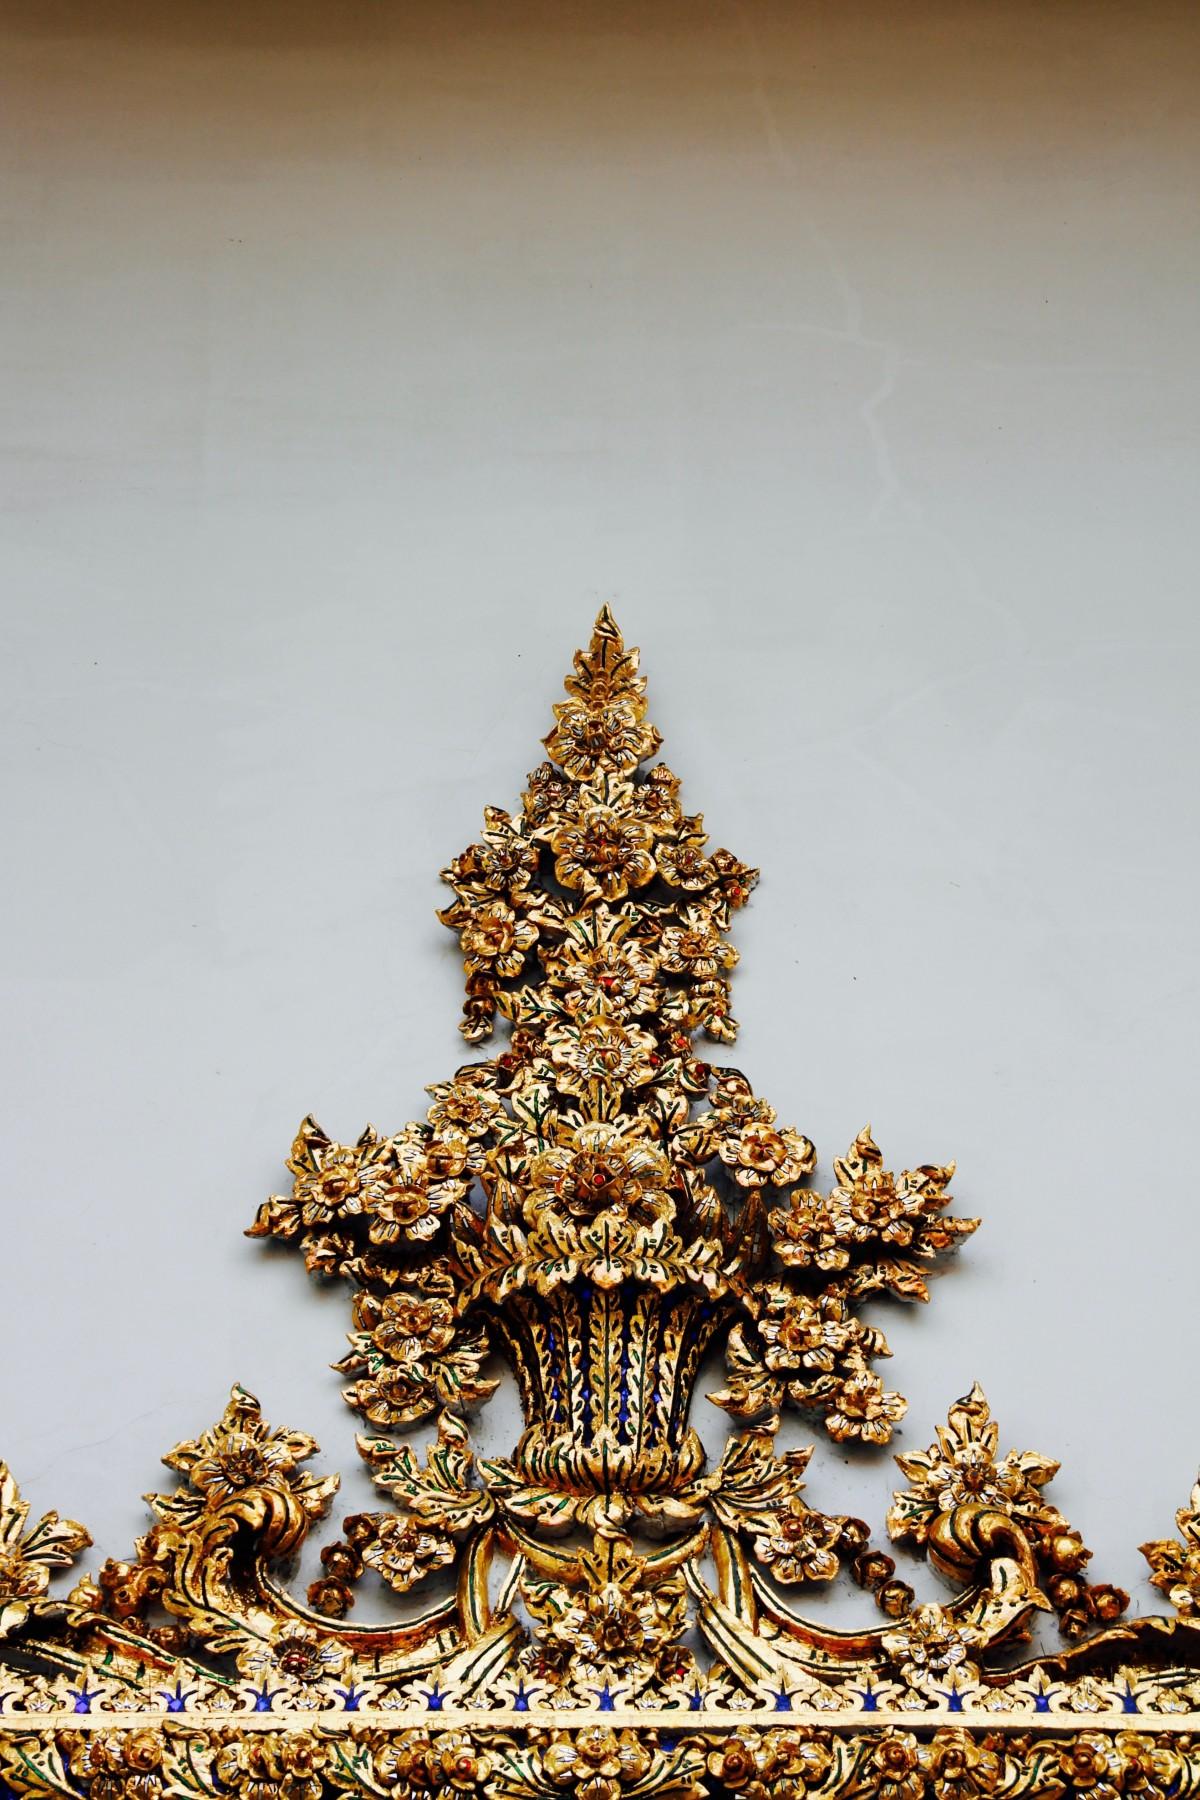 Ilmaisia kuvia puu rakenne kuvio kultainen valaistus - Arbol de navidad sencillo ...